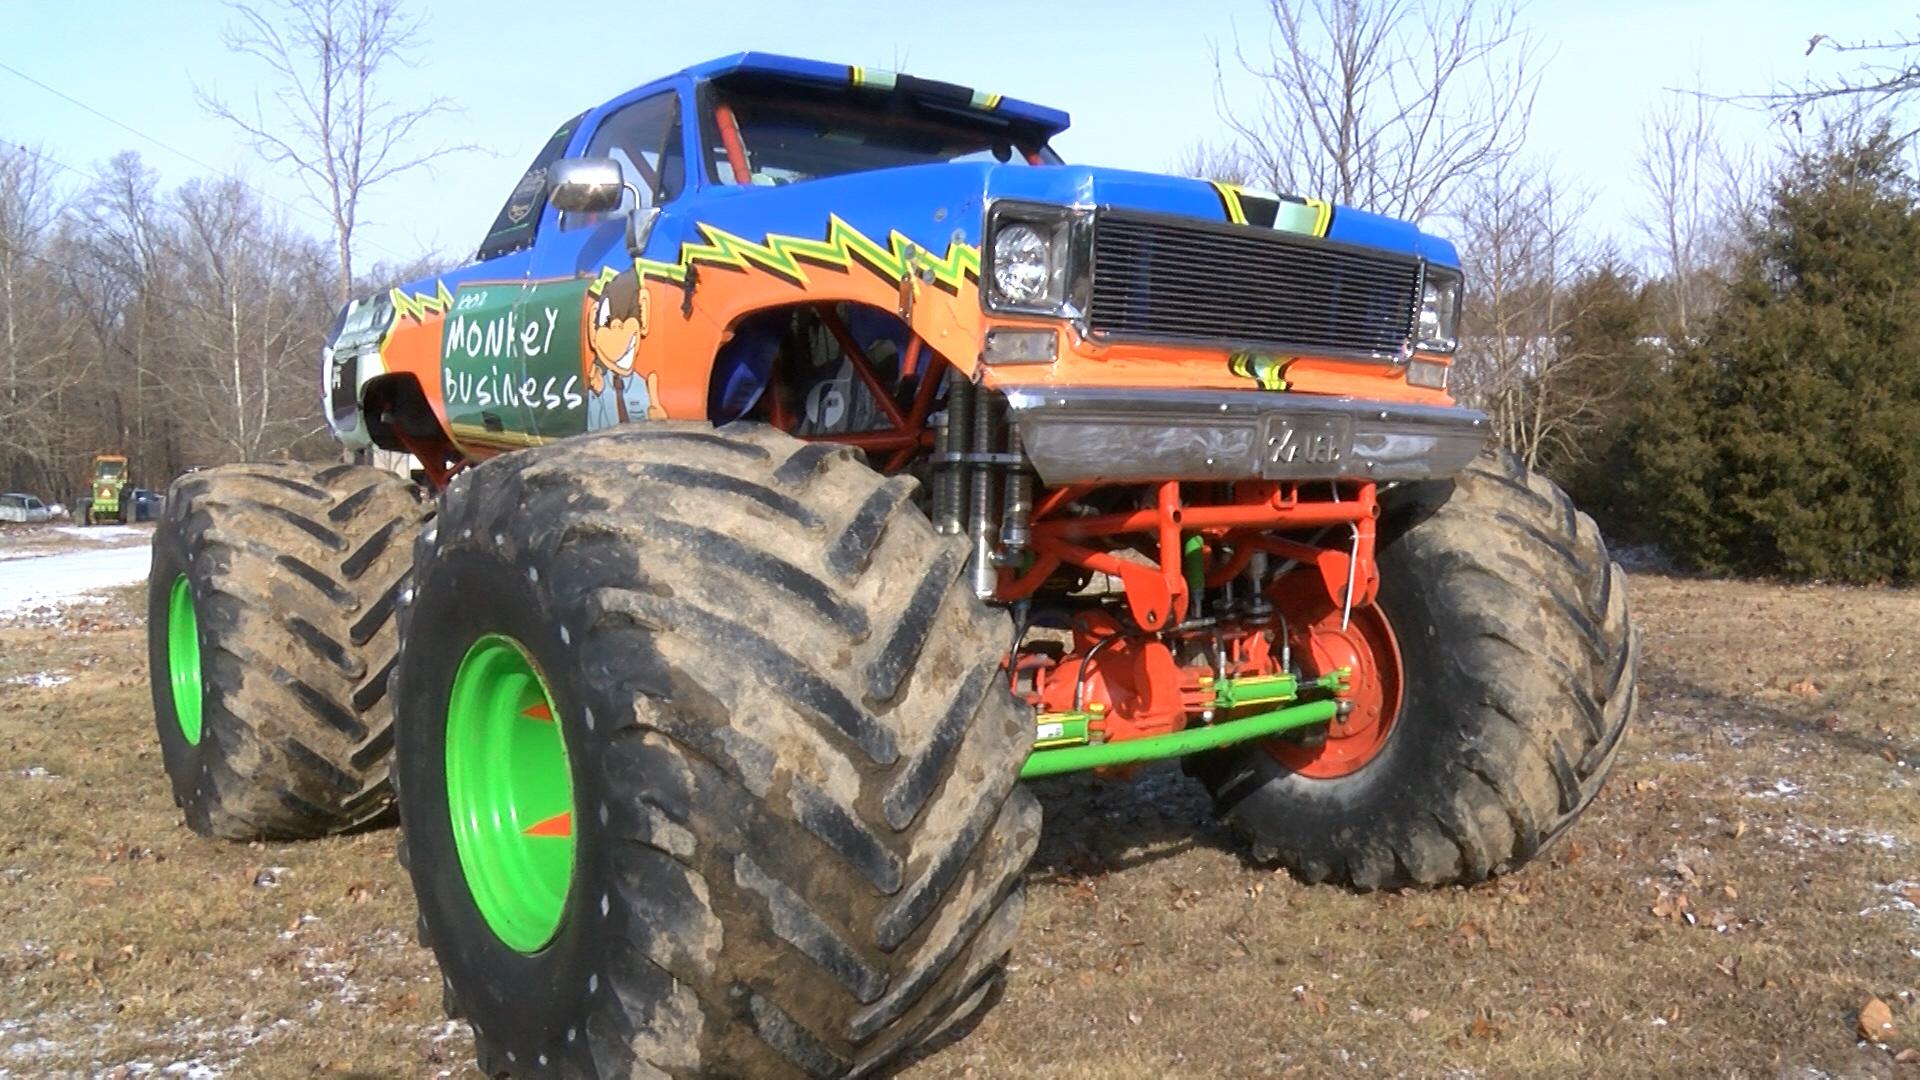 Monster Truck.jpg.00_00_05_08.Still001_1517955354702.jpg.jpg